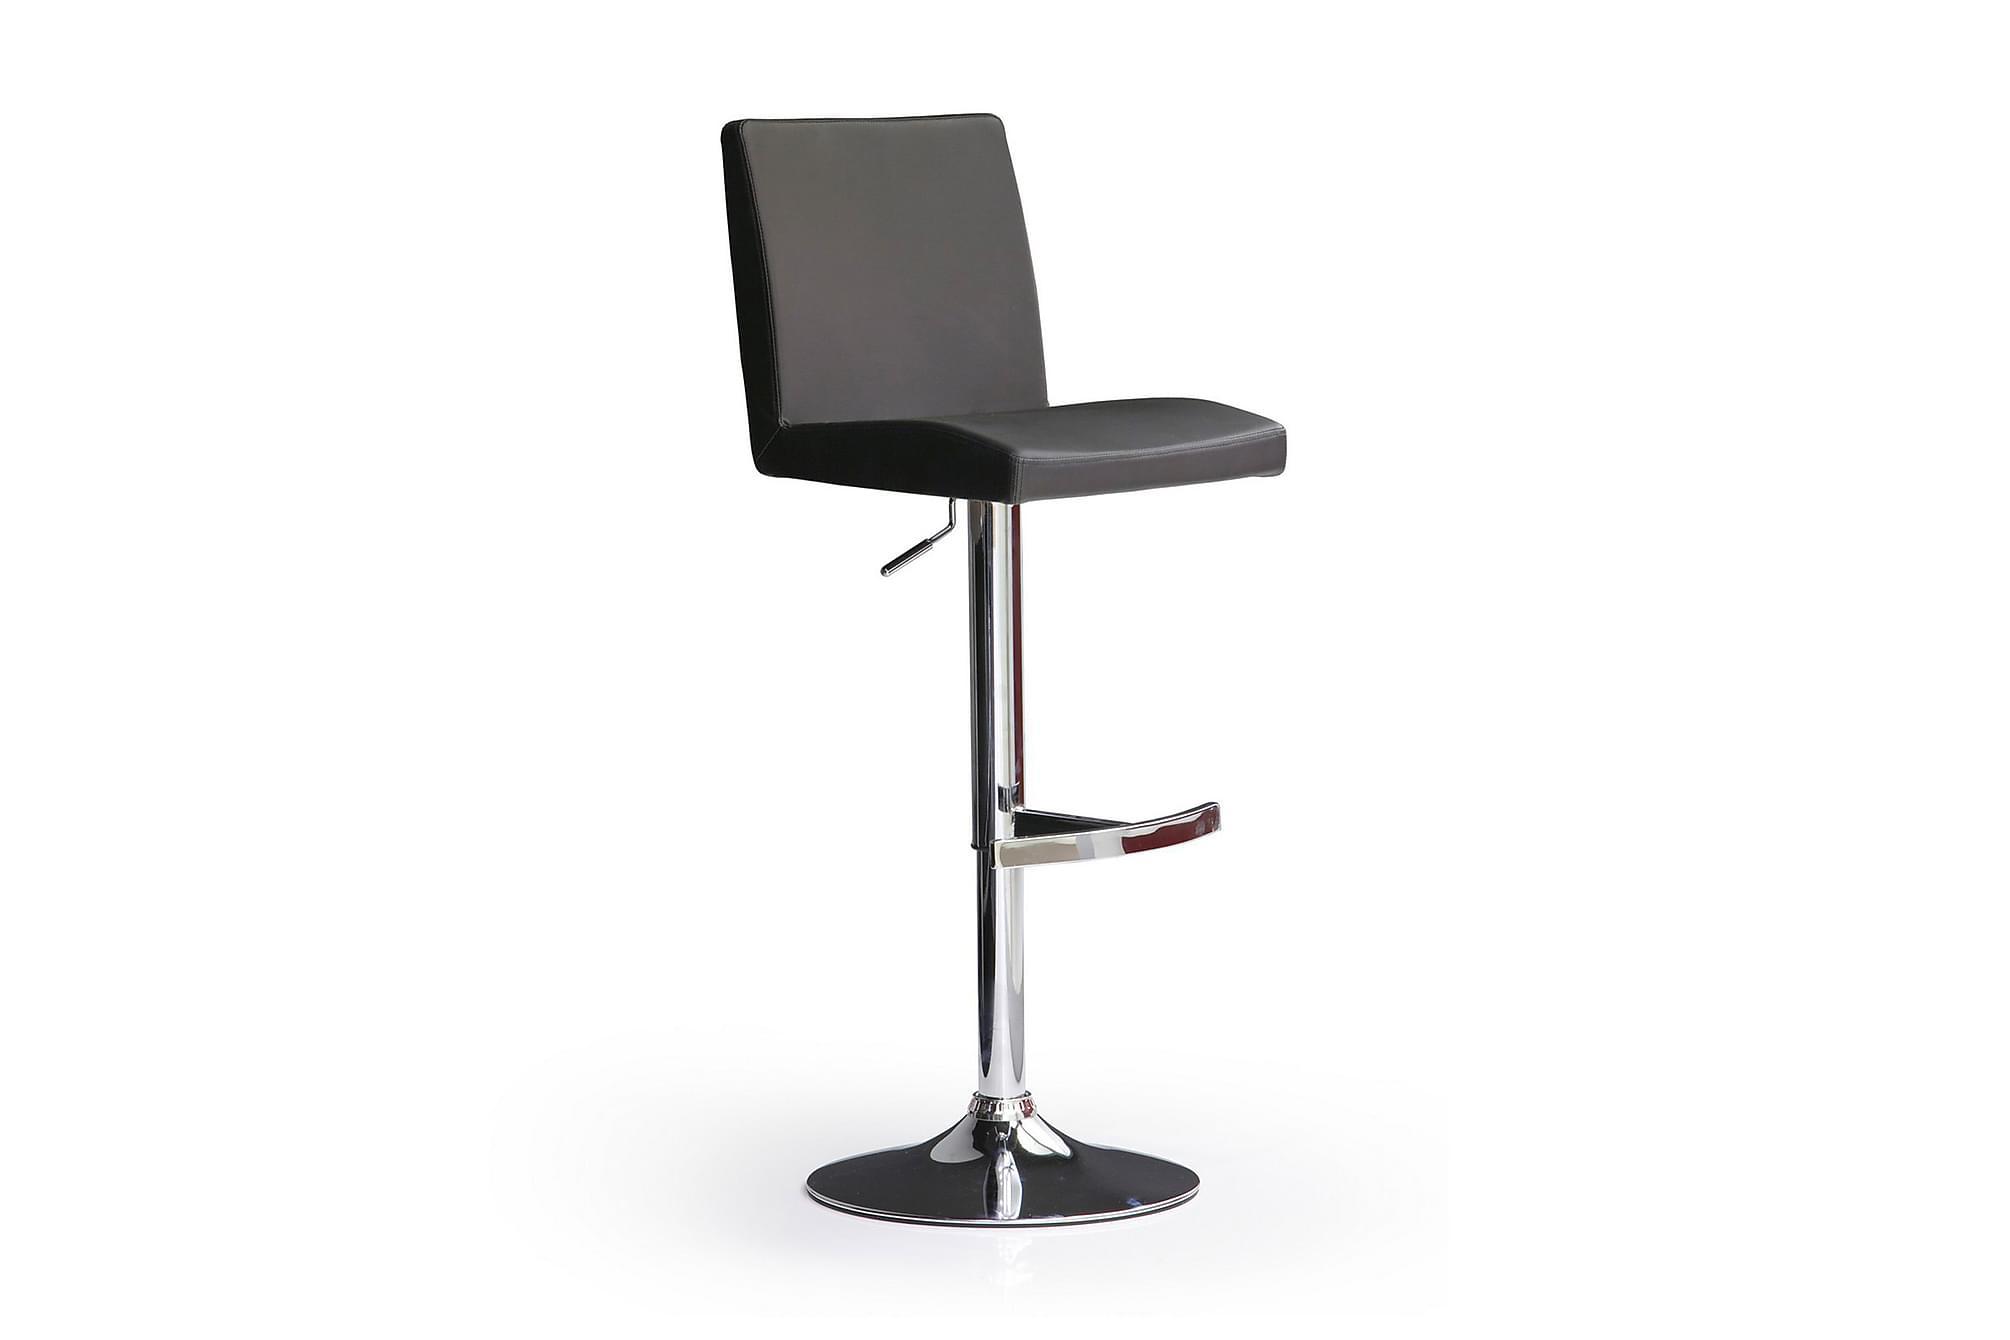 Soila barstol rund fot konstläder svart/krom